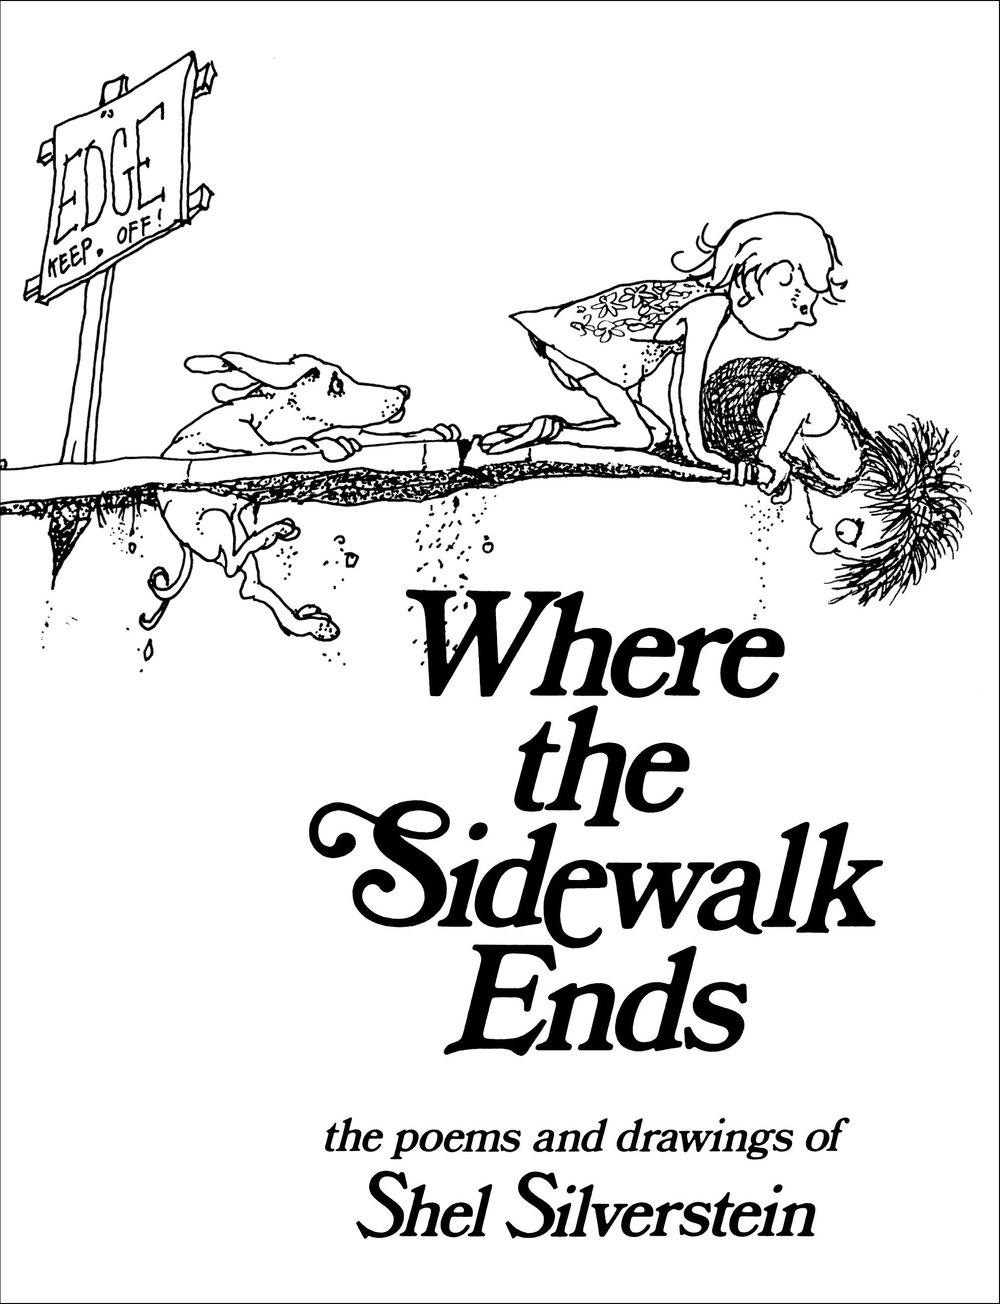 Where the Sidewalk Ends (by Shel Silverstein).jpg